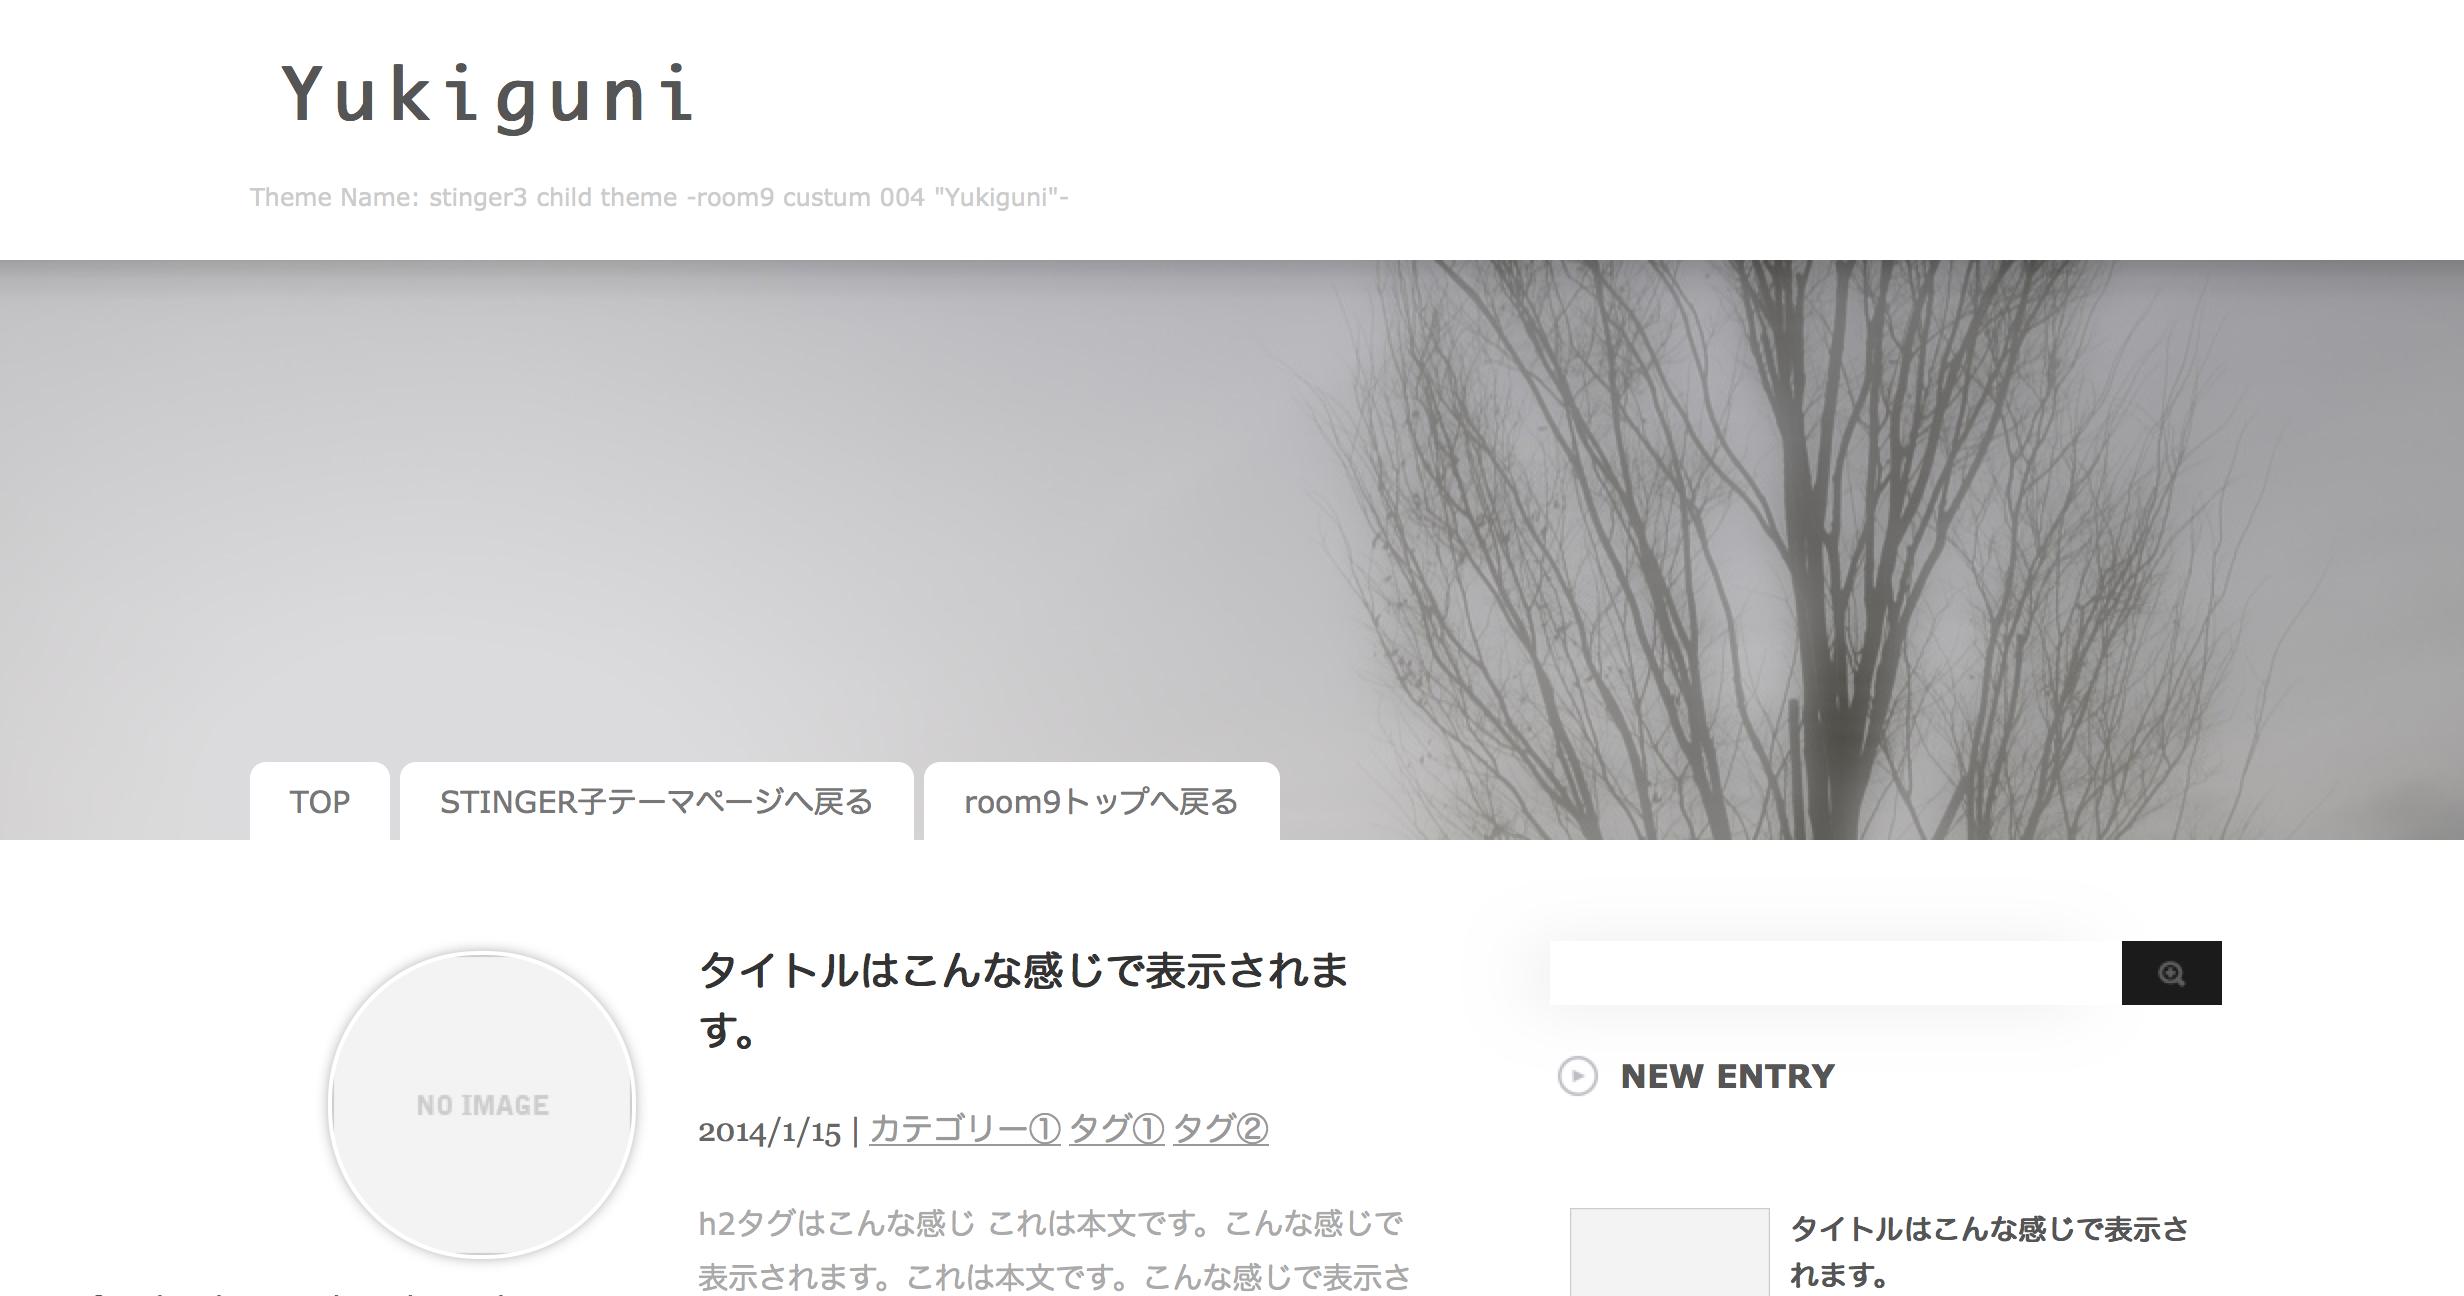 スクリーンショット 2014-01-20 7.08.15